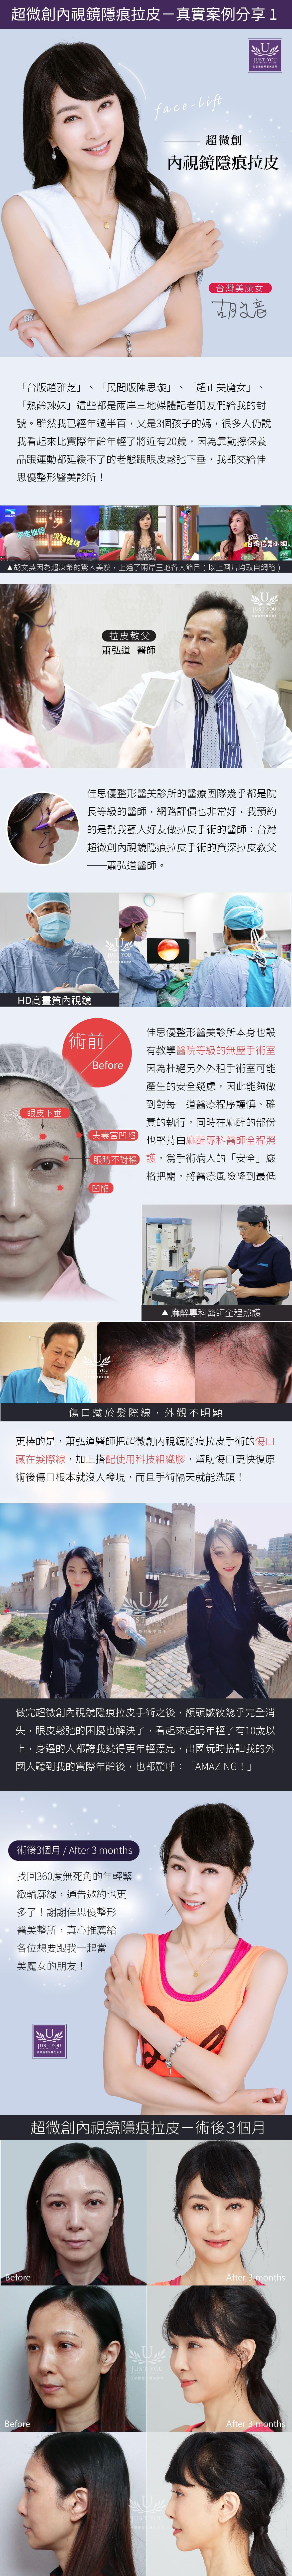 超微創內視鏡隱痕拉皮手術|台灣演藝圈美魔女胡文英的青春肌密